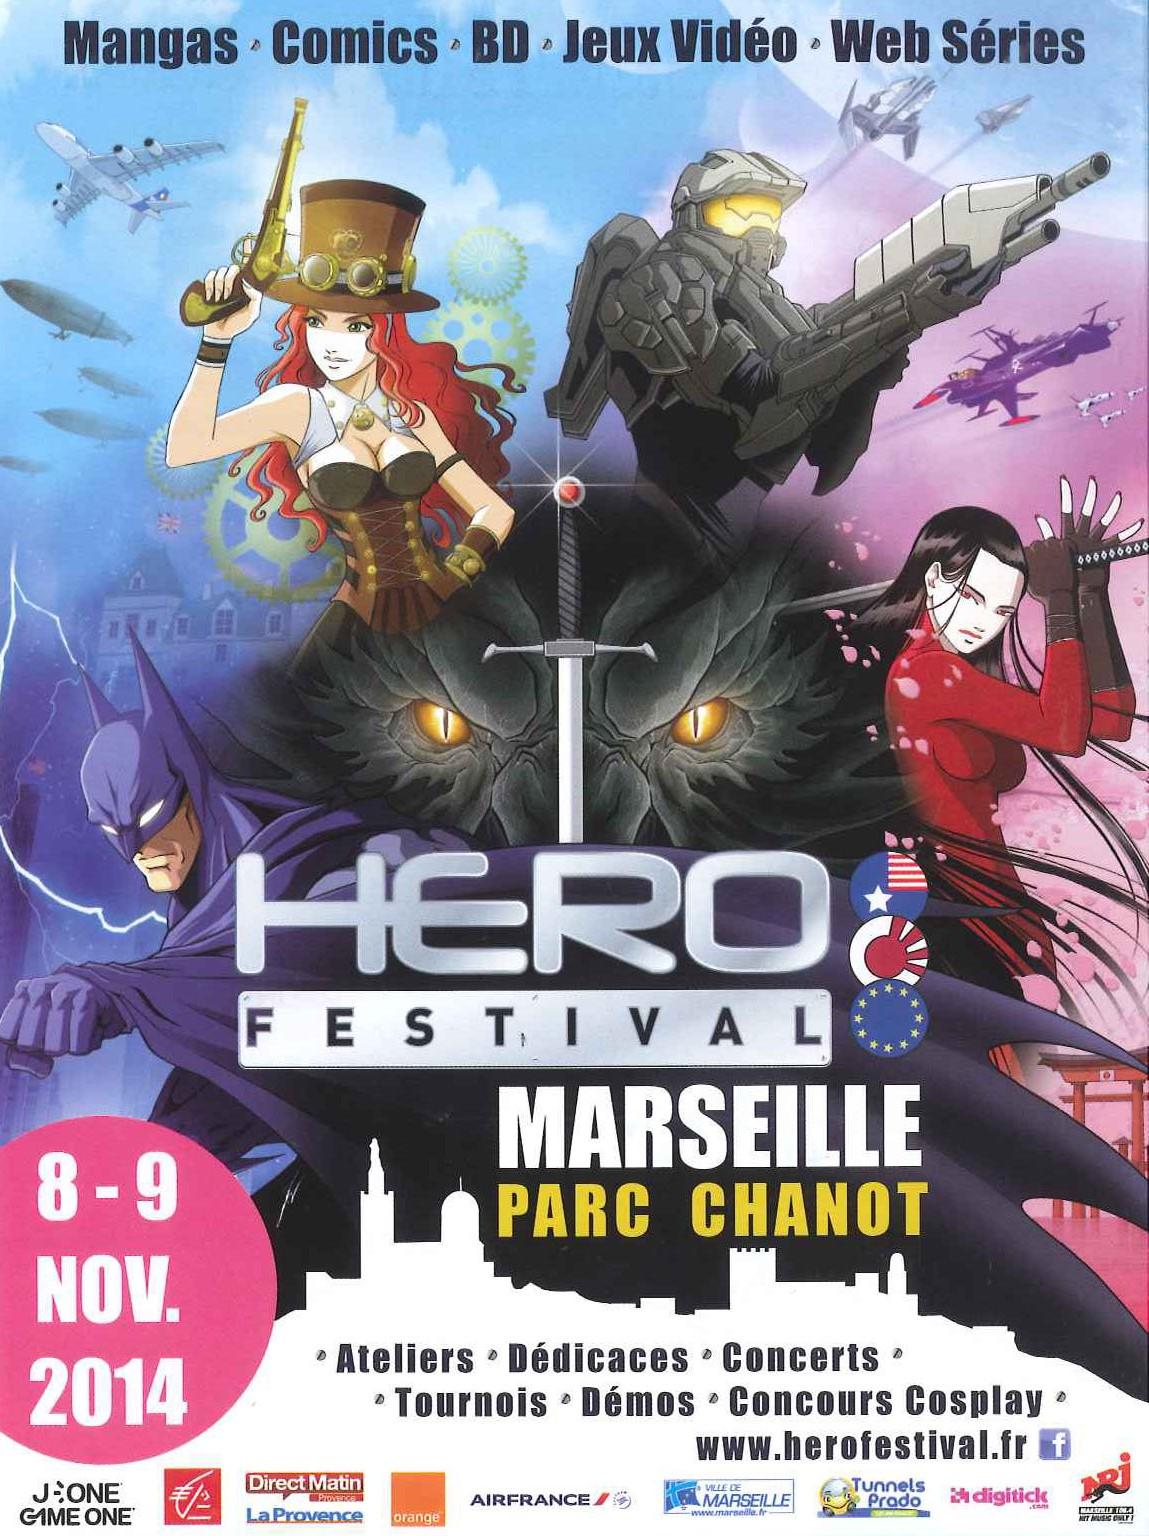 Affiche du Héro Festival